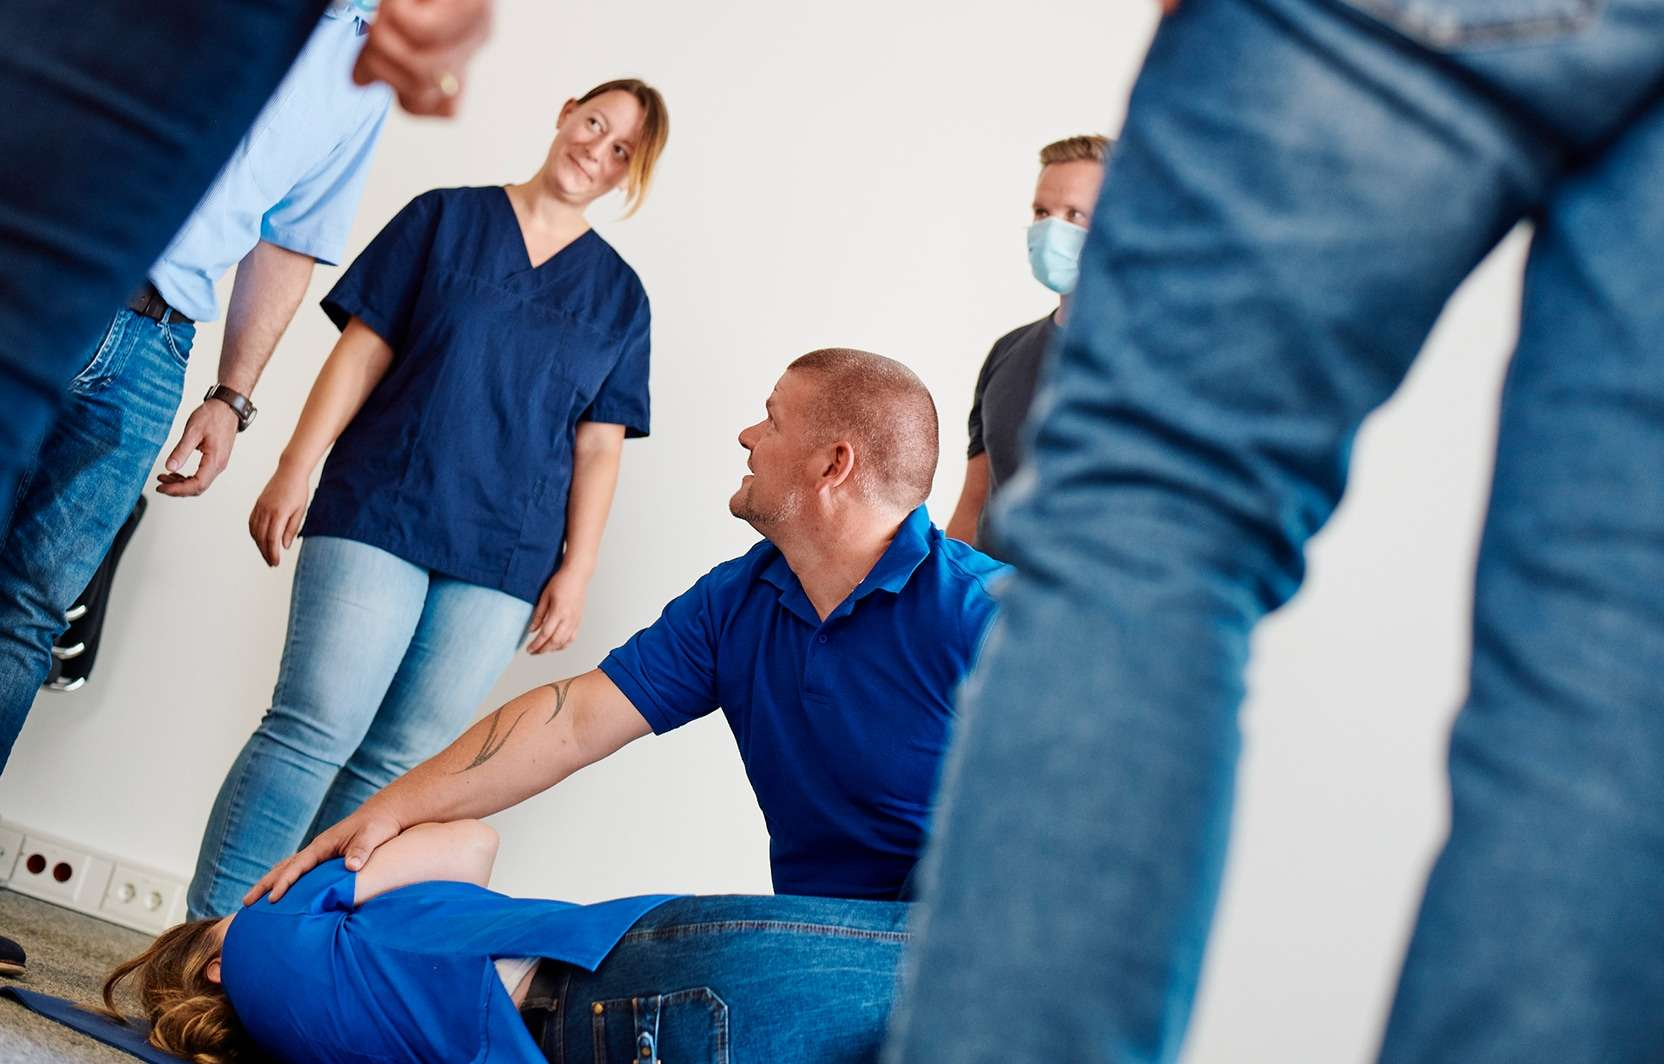 Pflegeschulungen und Beratung